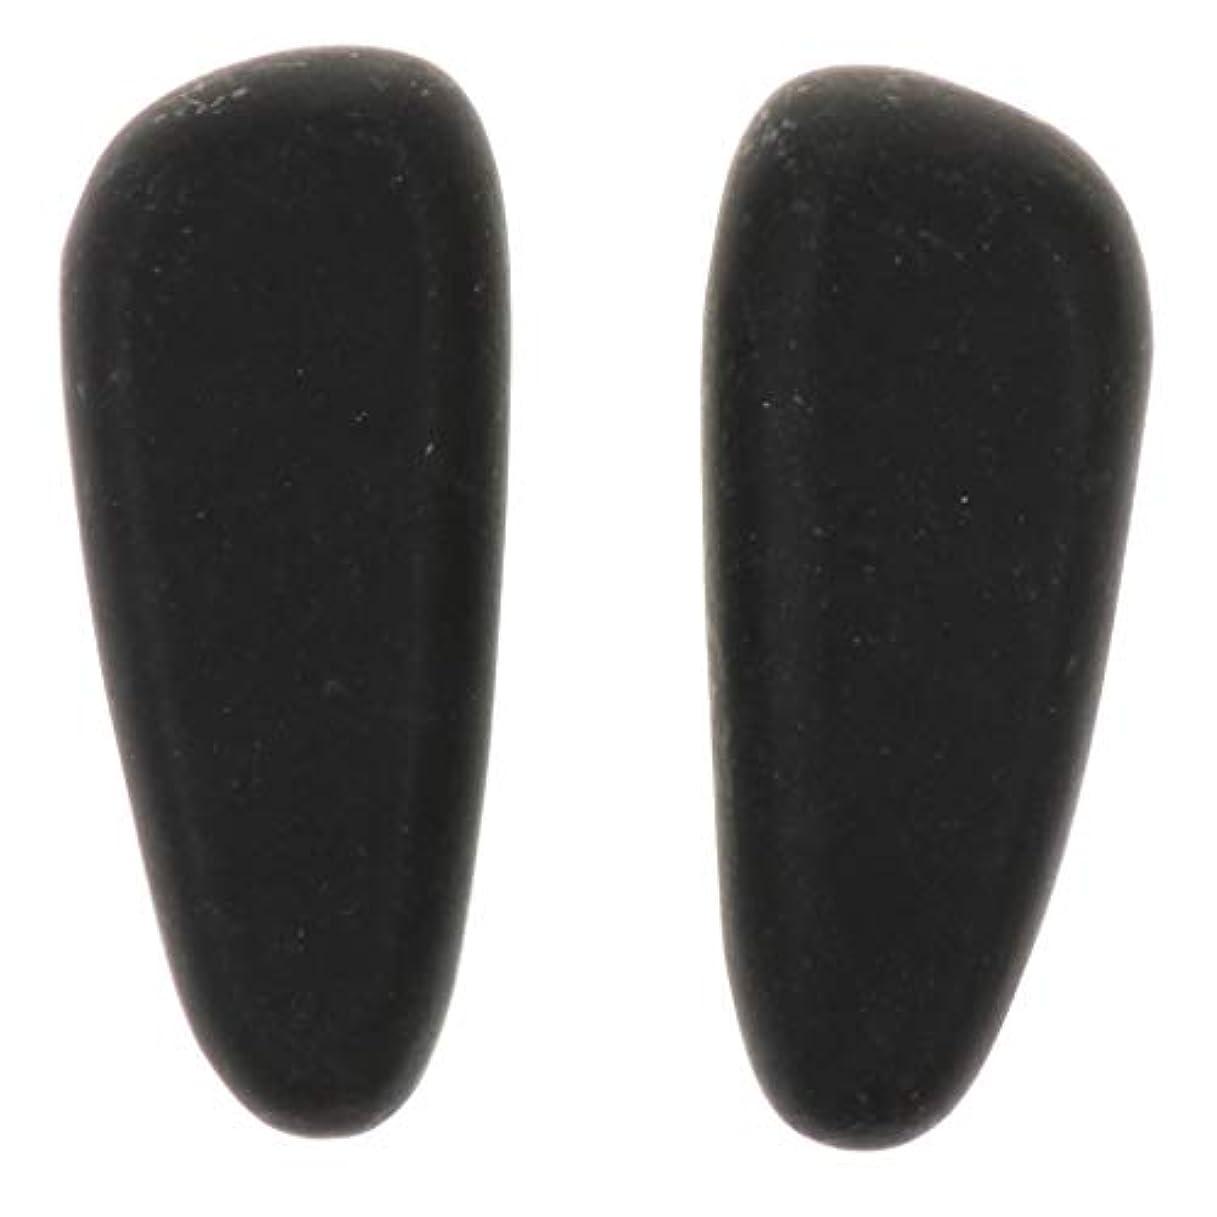 トリム枢機卿それ天然石ホットストーン マッサージ用玄武岩 マッサージストーン マッサージ石 ボディマッサージ 2個 全2サイズ - 8×3.2×2cm